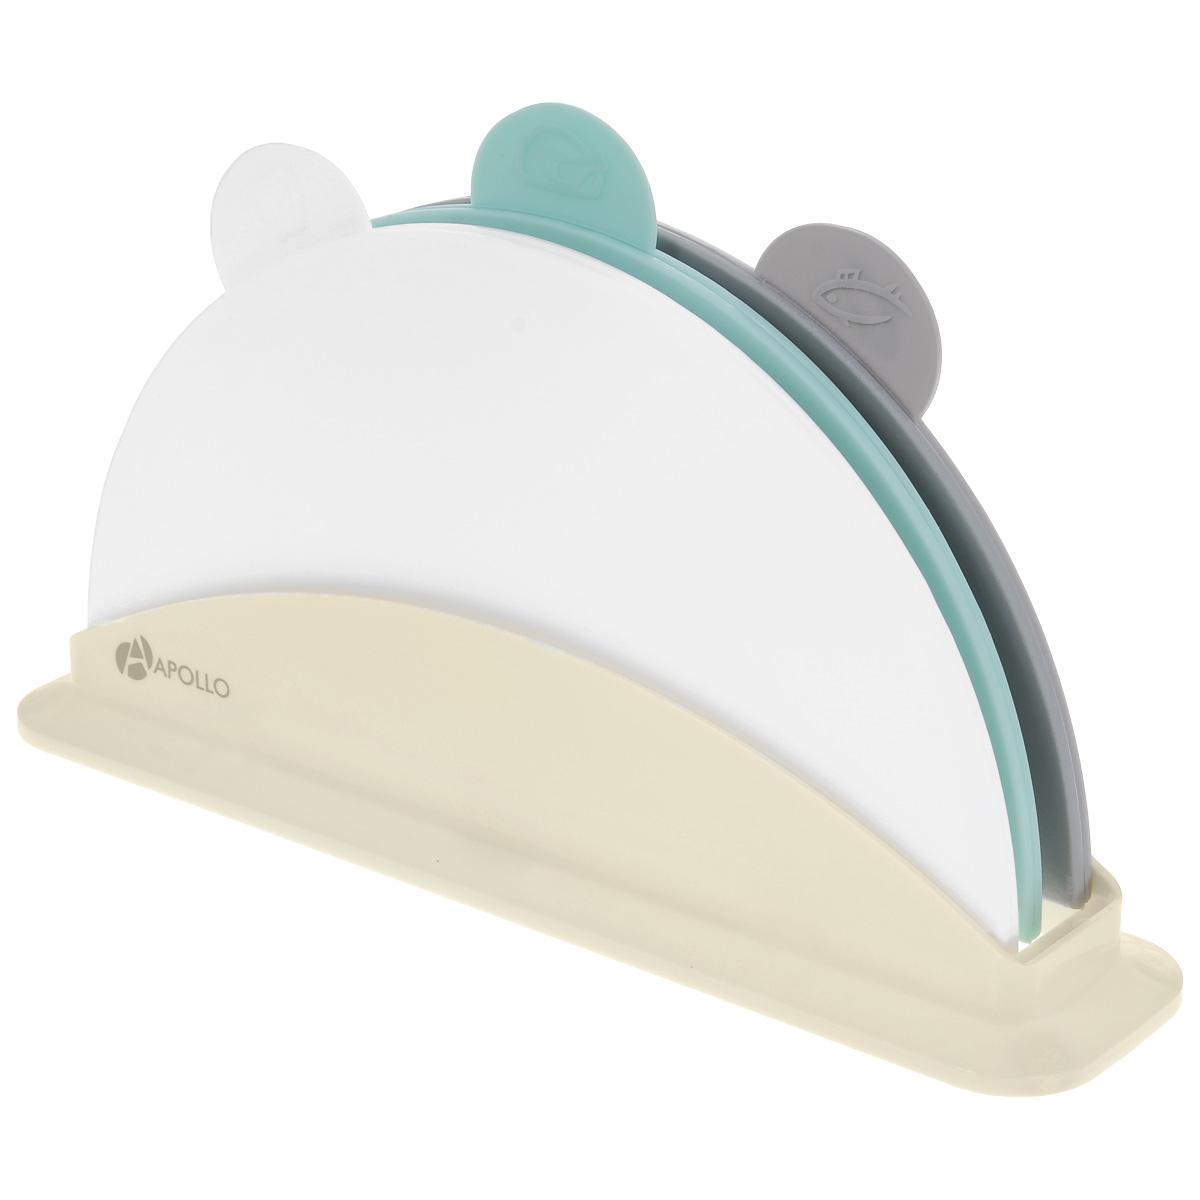 """Apollo Home & Deco Набор разделочных досок Apollo """"Acabo"""", цвет: бирюзовый, серый, белый, 4 предмета"""